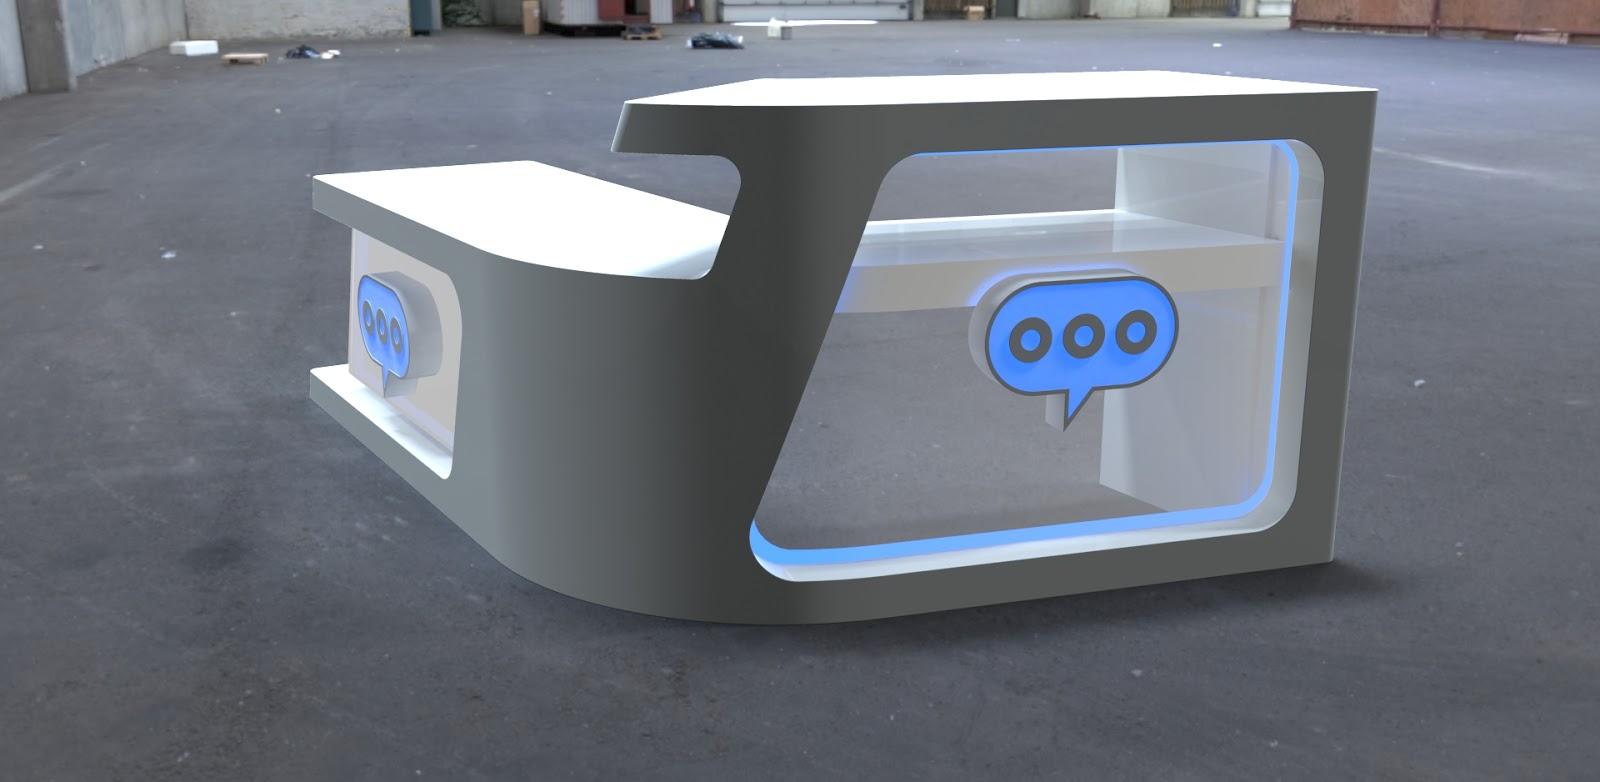 Dmc design dise o de un mostrador - Disenos de mostradores ...